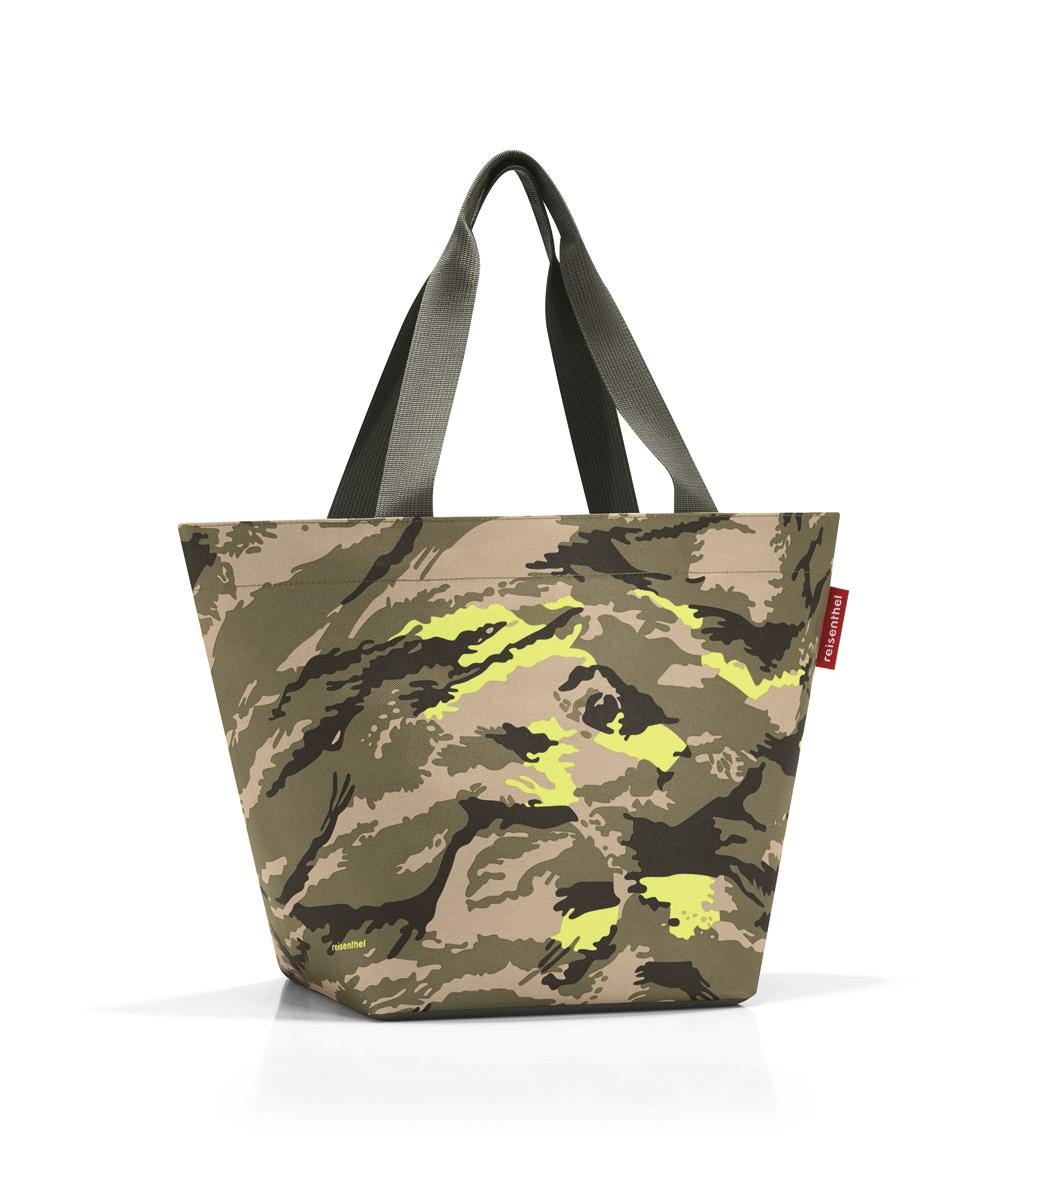 Сумка Reisenthel, цвет: хаки, бежевый, темно-коричневый. ZS5034BA7426Вместительная сумка Reisenthel изготовлена из текстиля и оформлена оригинальным принтом. Сумка имеет одно отделение, которое закрывается на застежку-молнию. Внутри расположен нашивной карман на застежке-молнии. Сумка оснащена двумя длинными ручками.